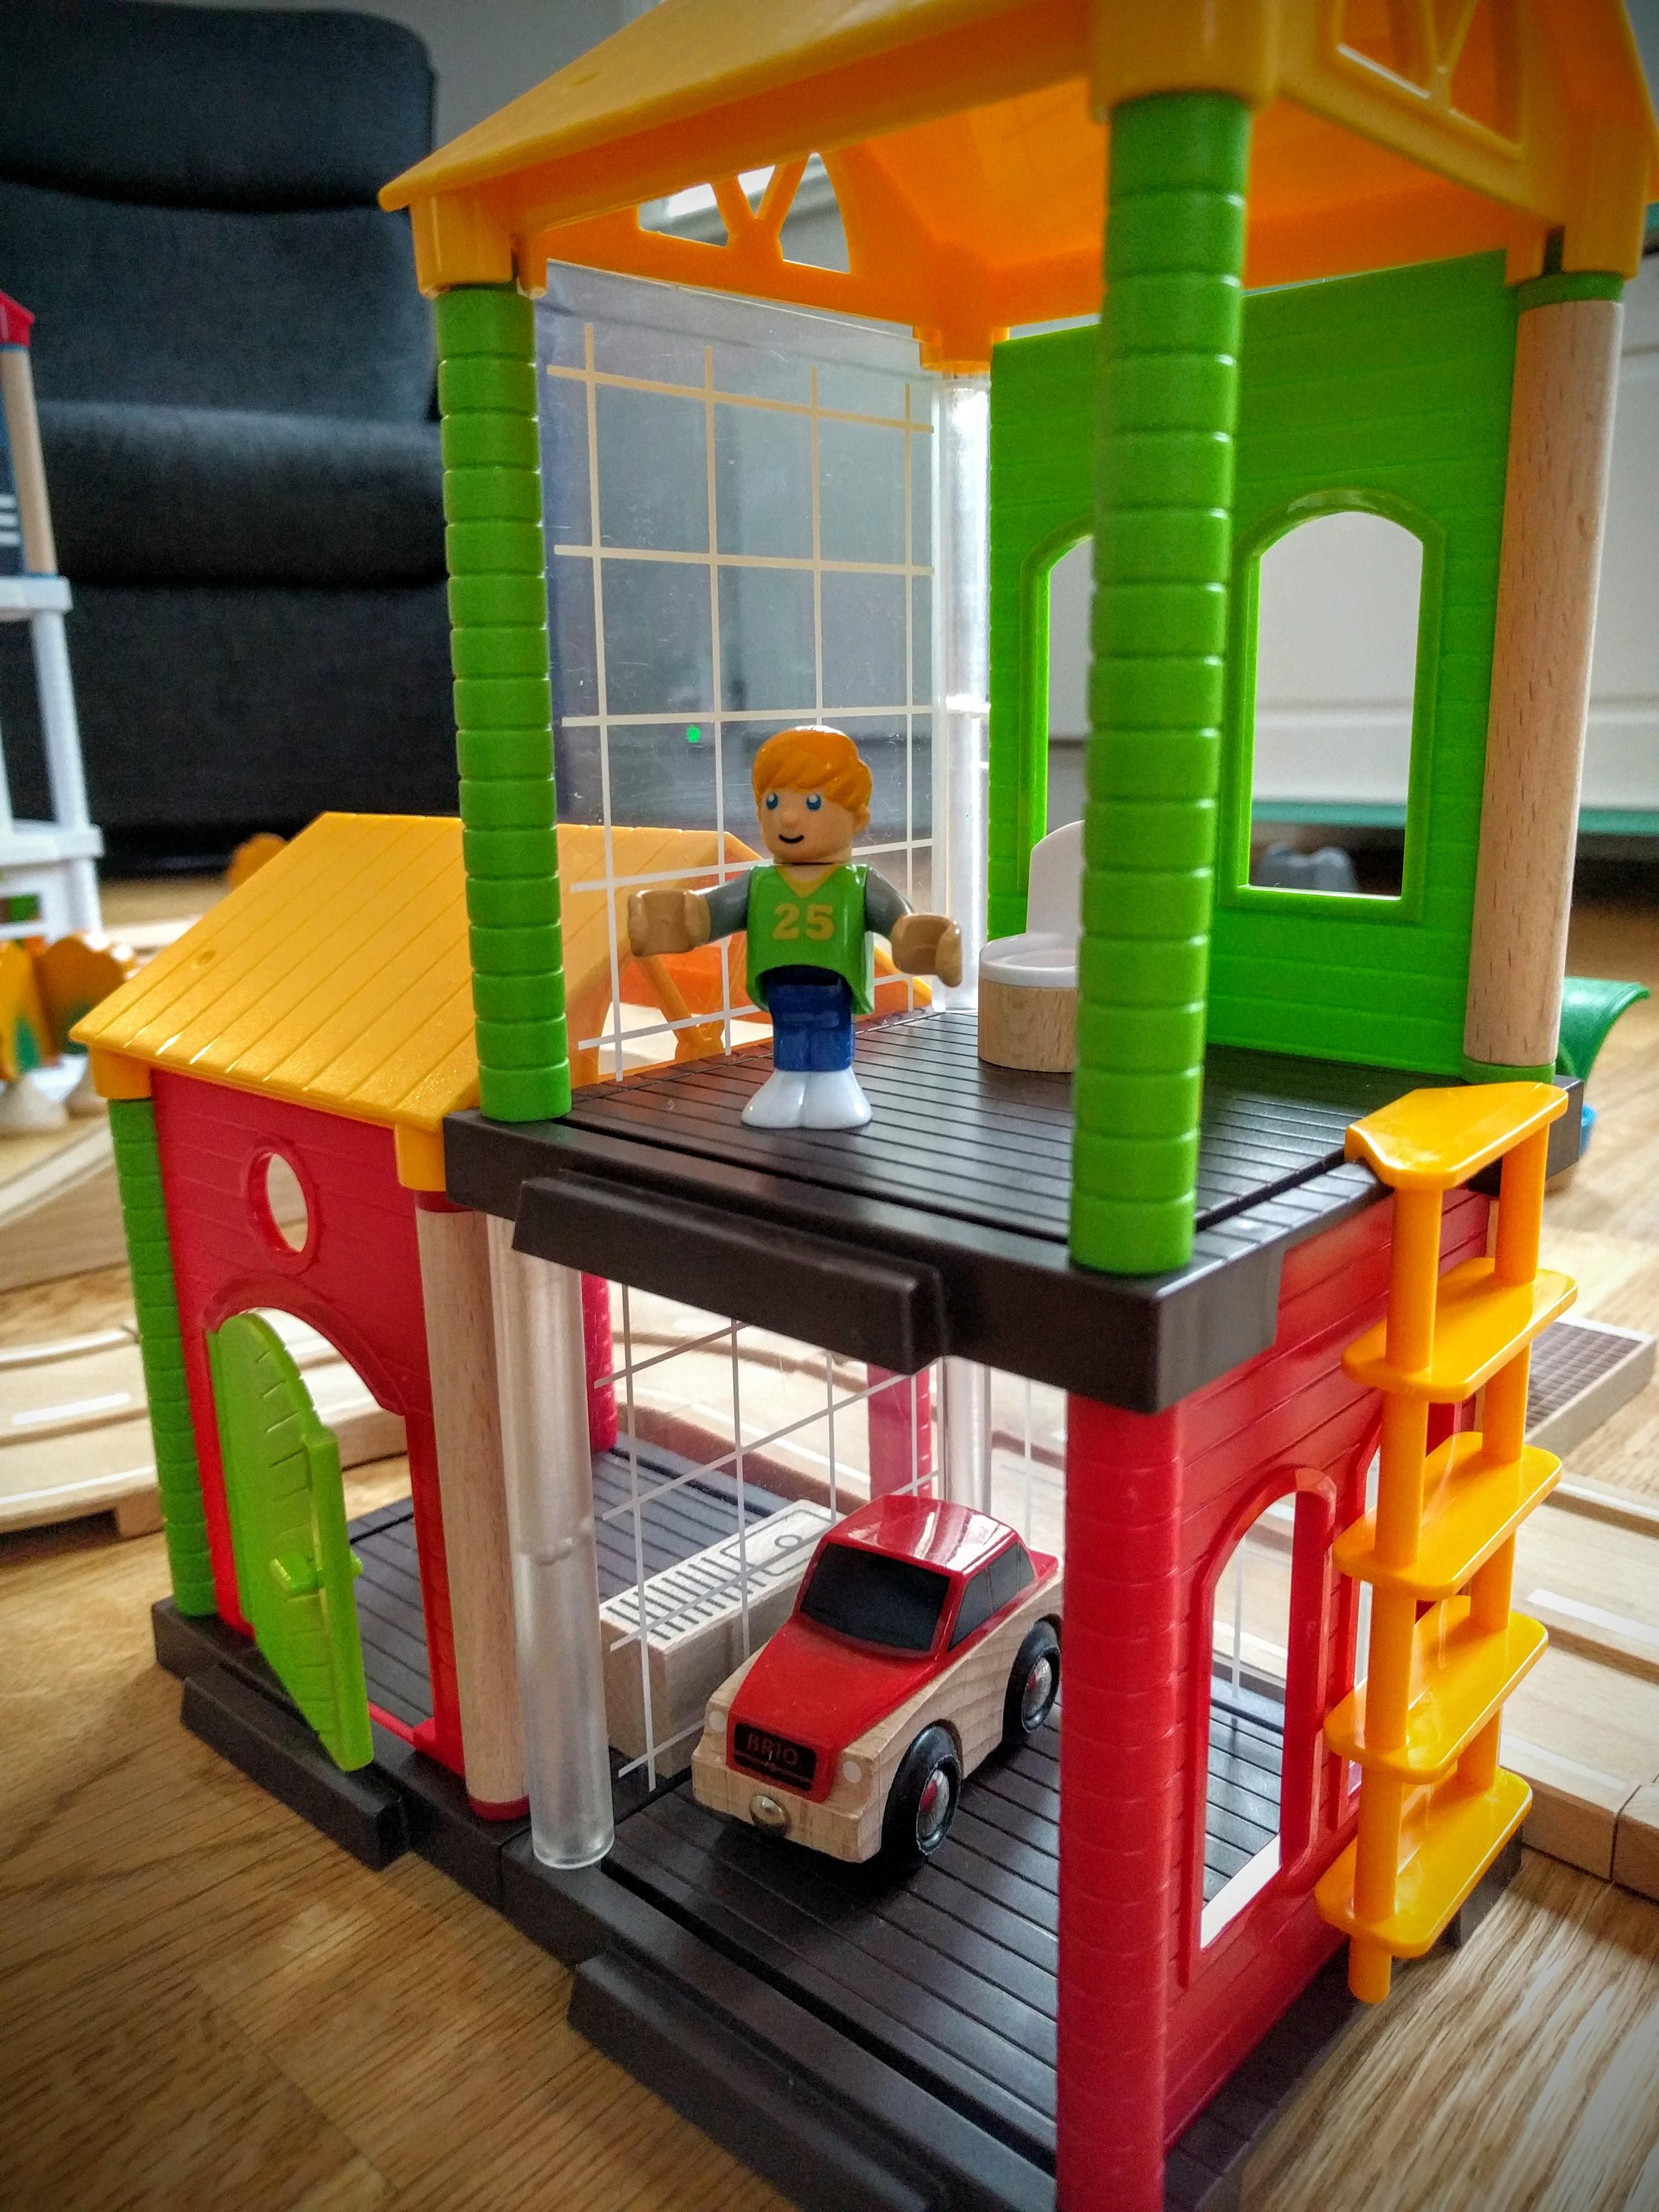 Brio Village addition to your wooden train set testoftimes